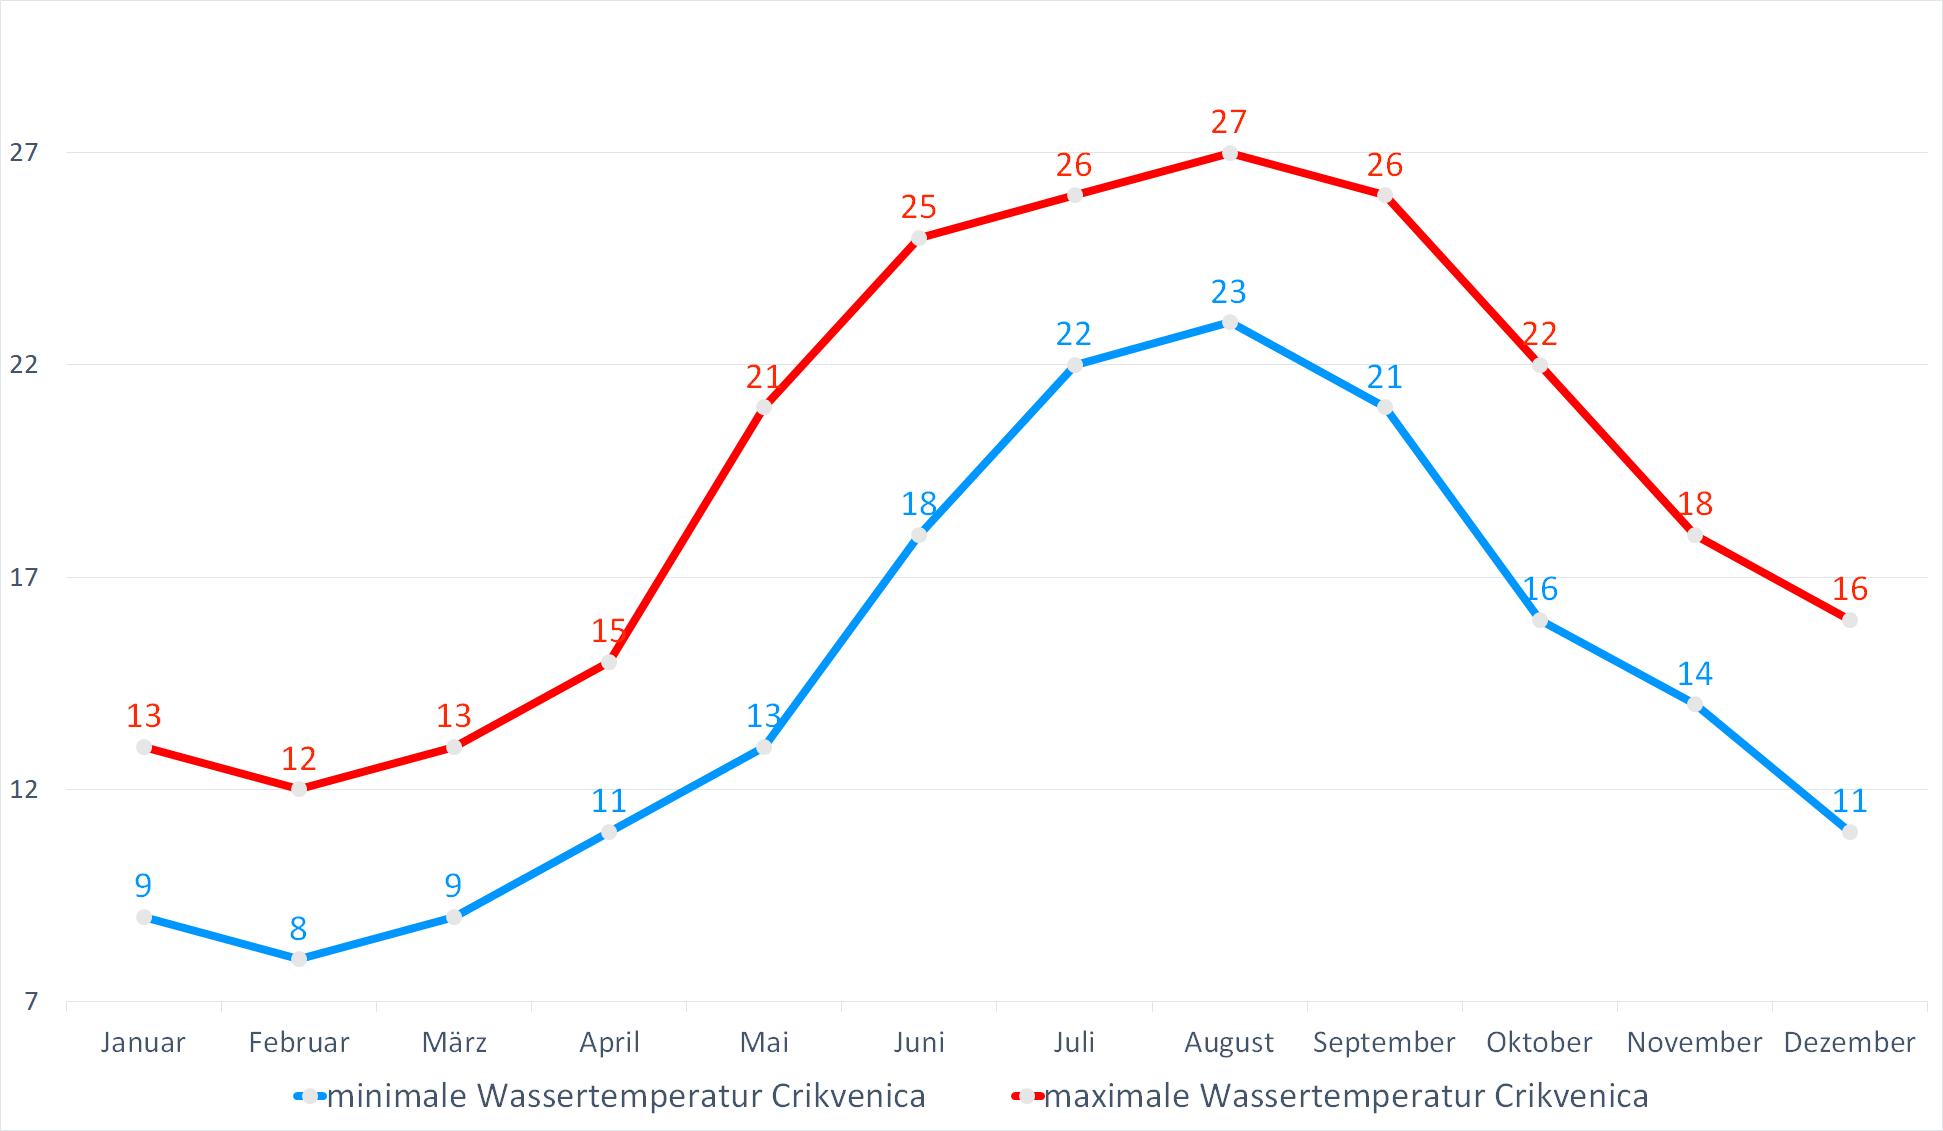 Minimale & Maximale Wassertemperaturen für Crikvenica im Jahresverlauf